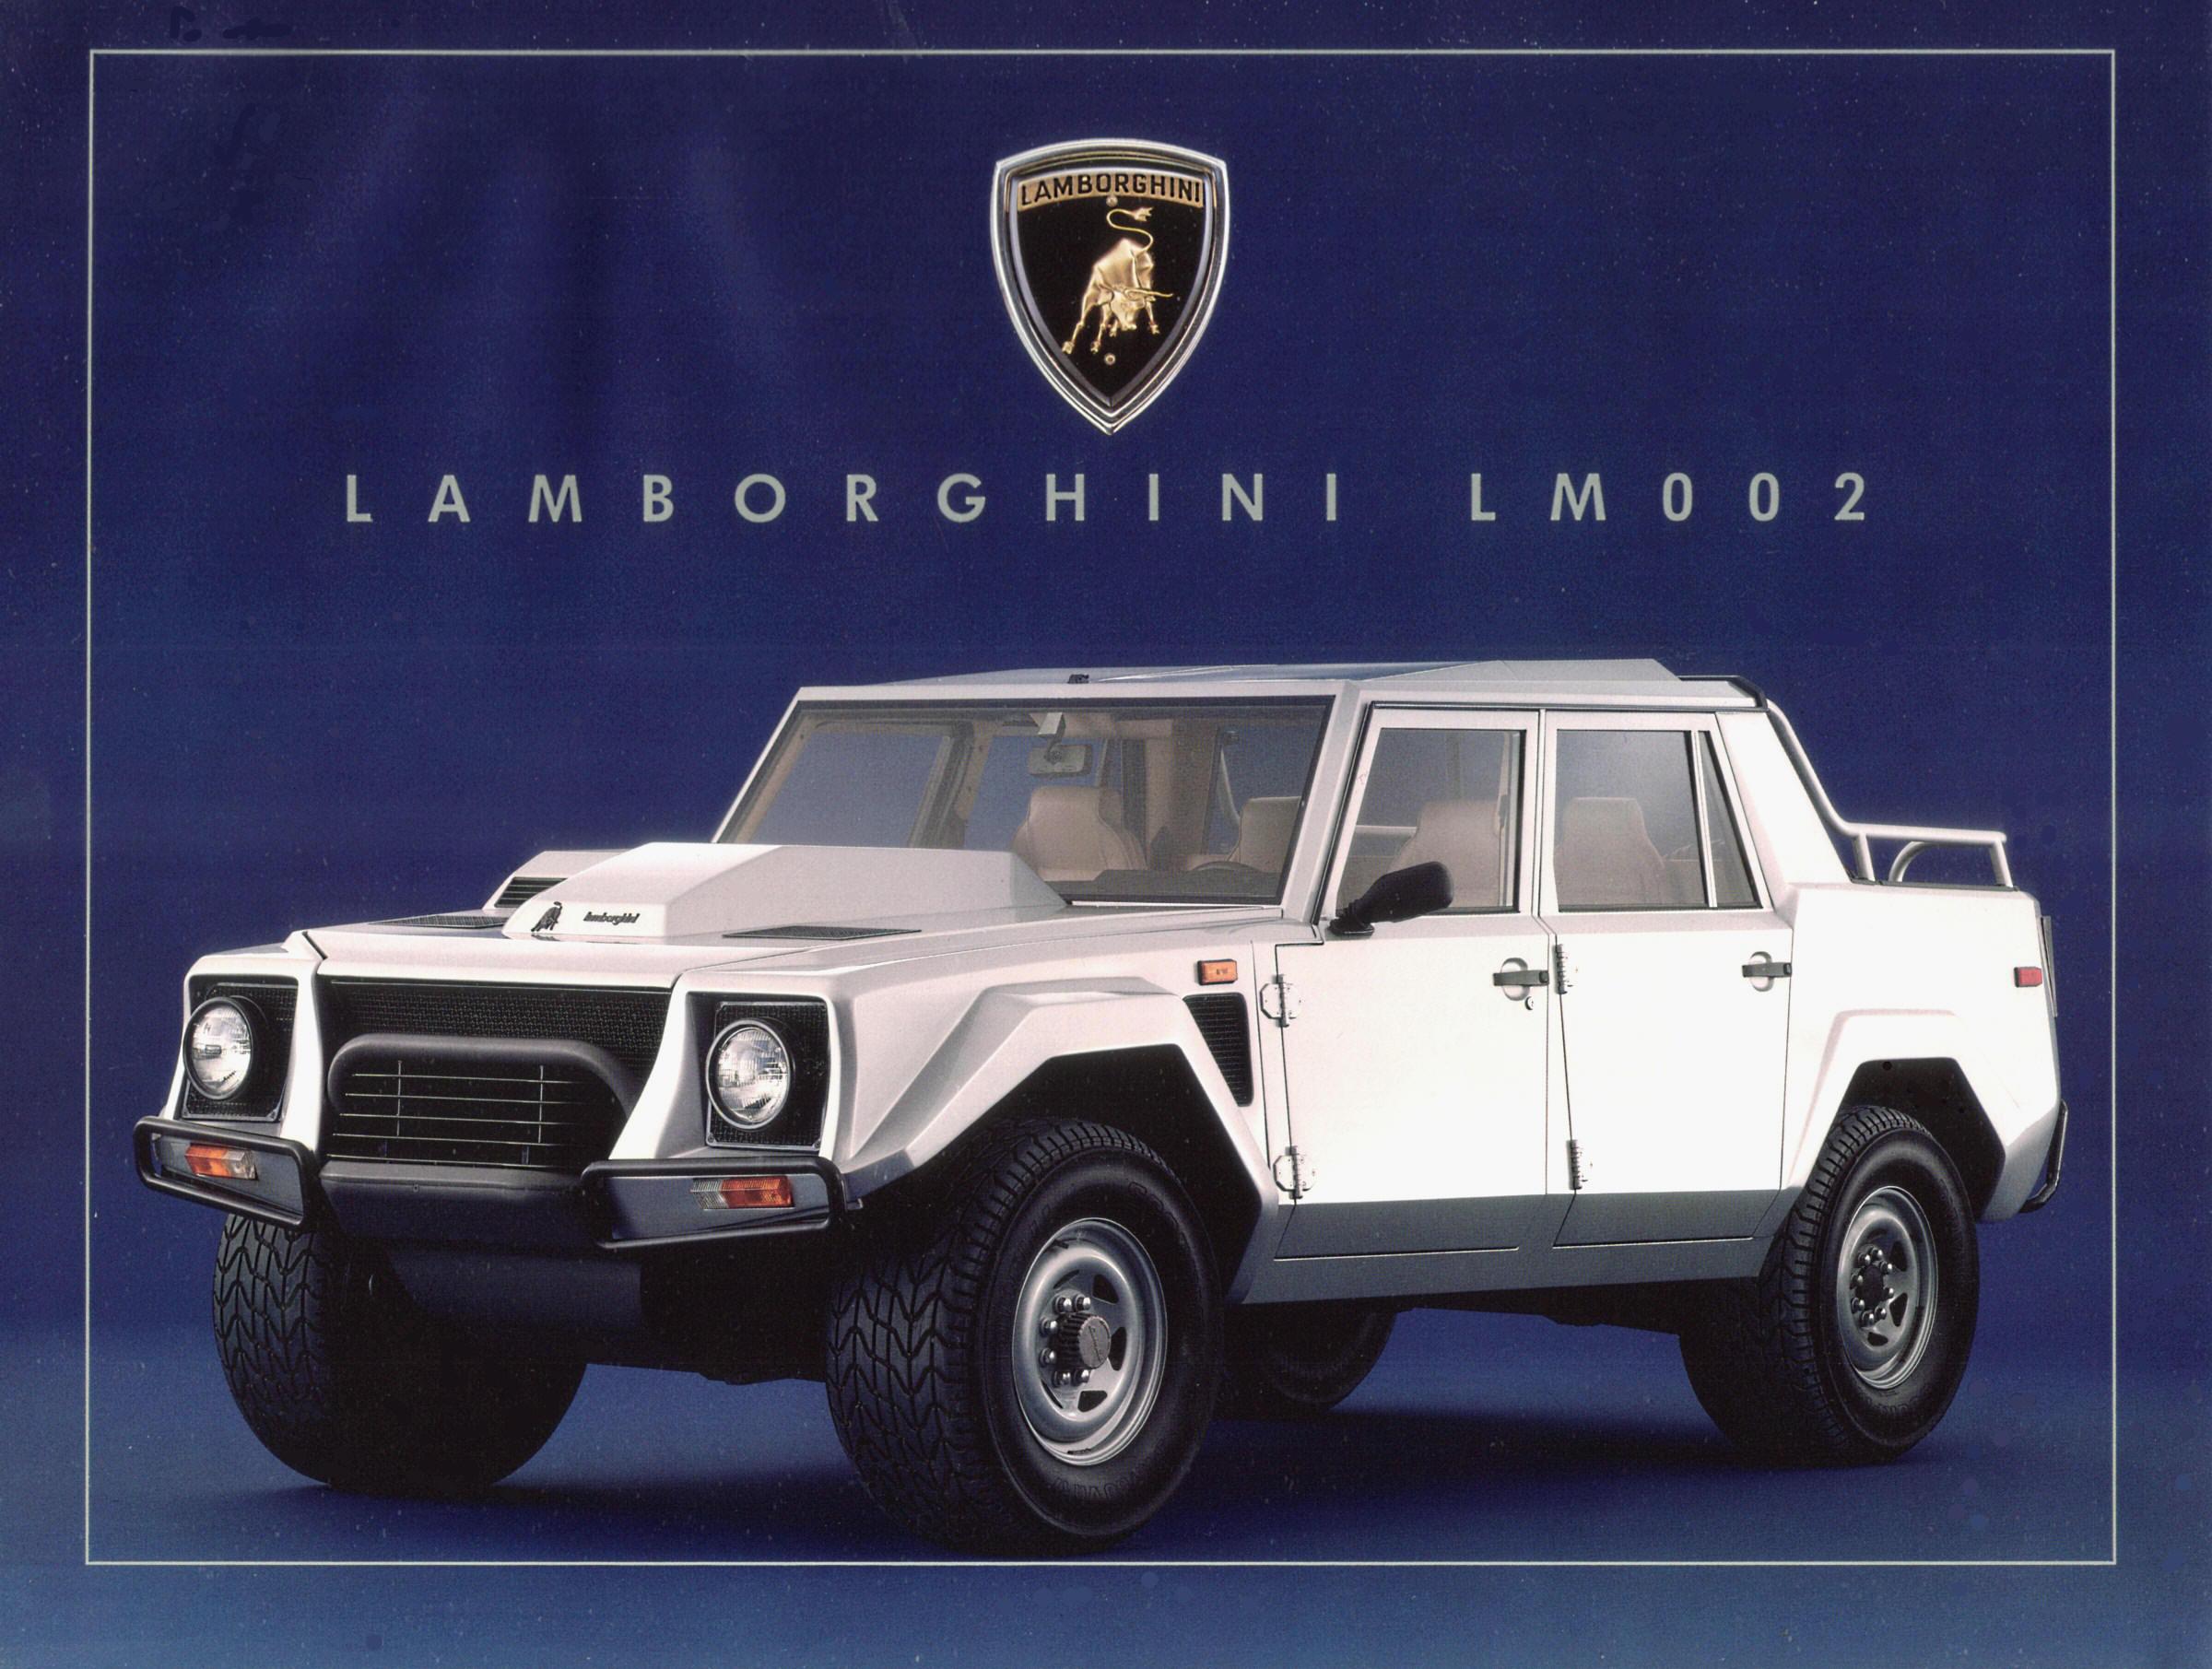 Lambrghini_LM002